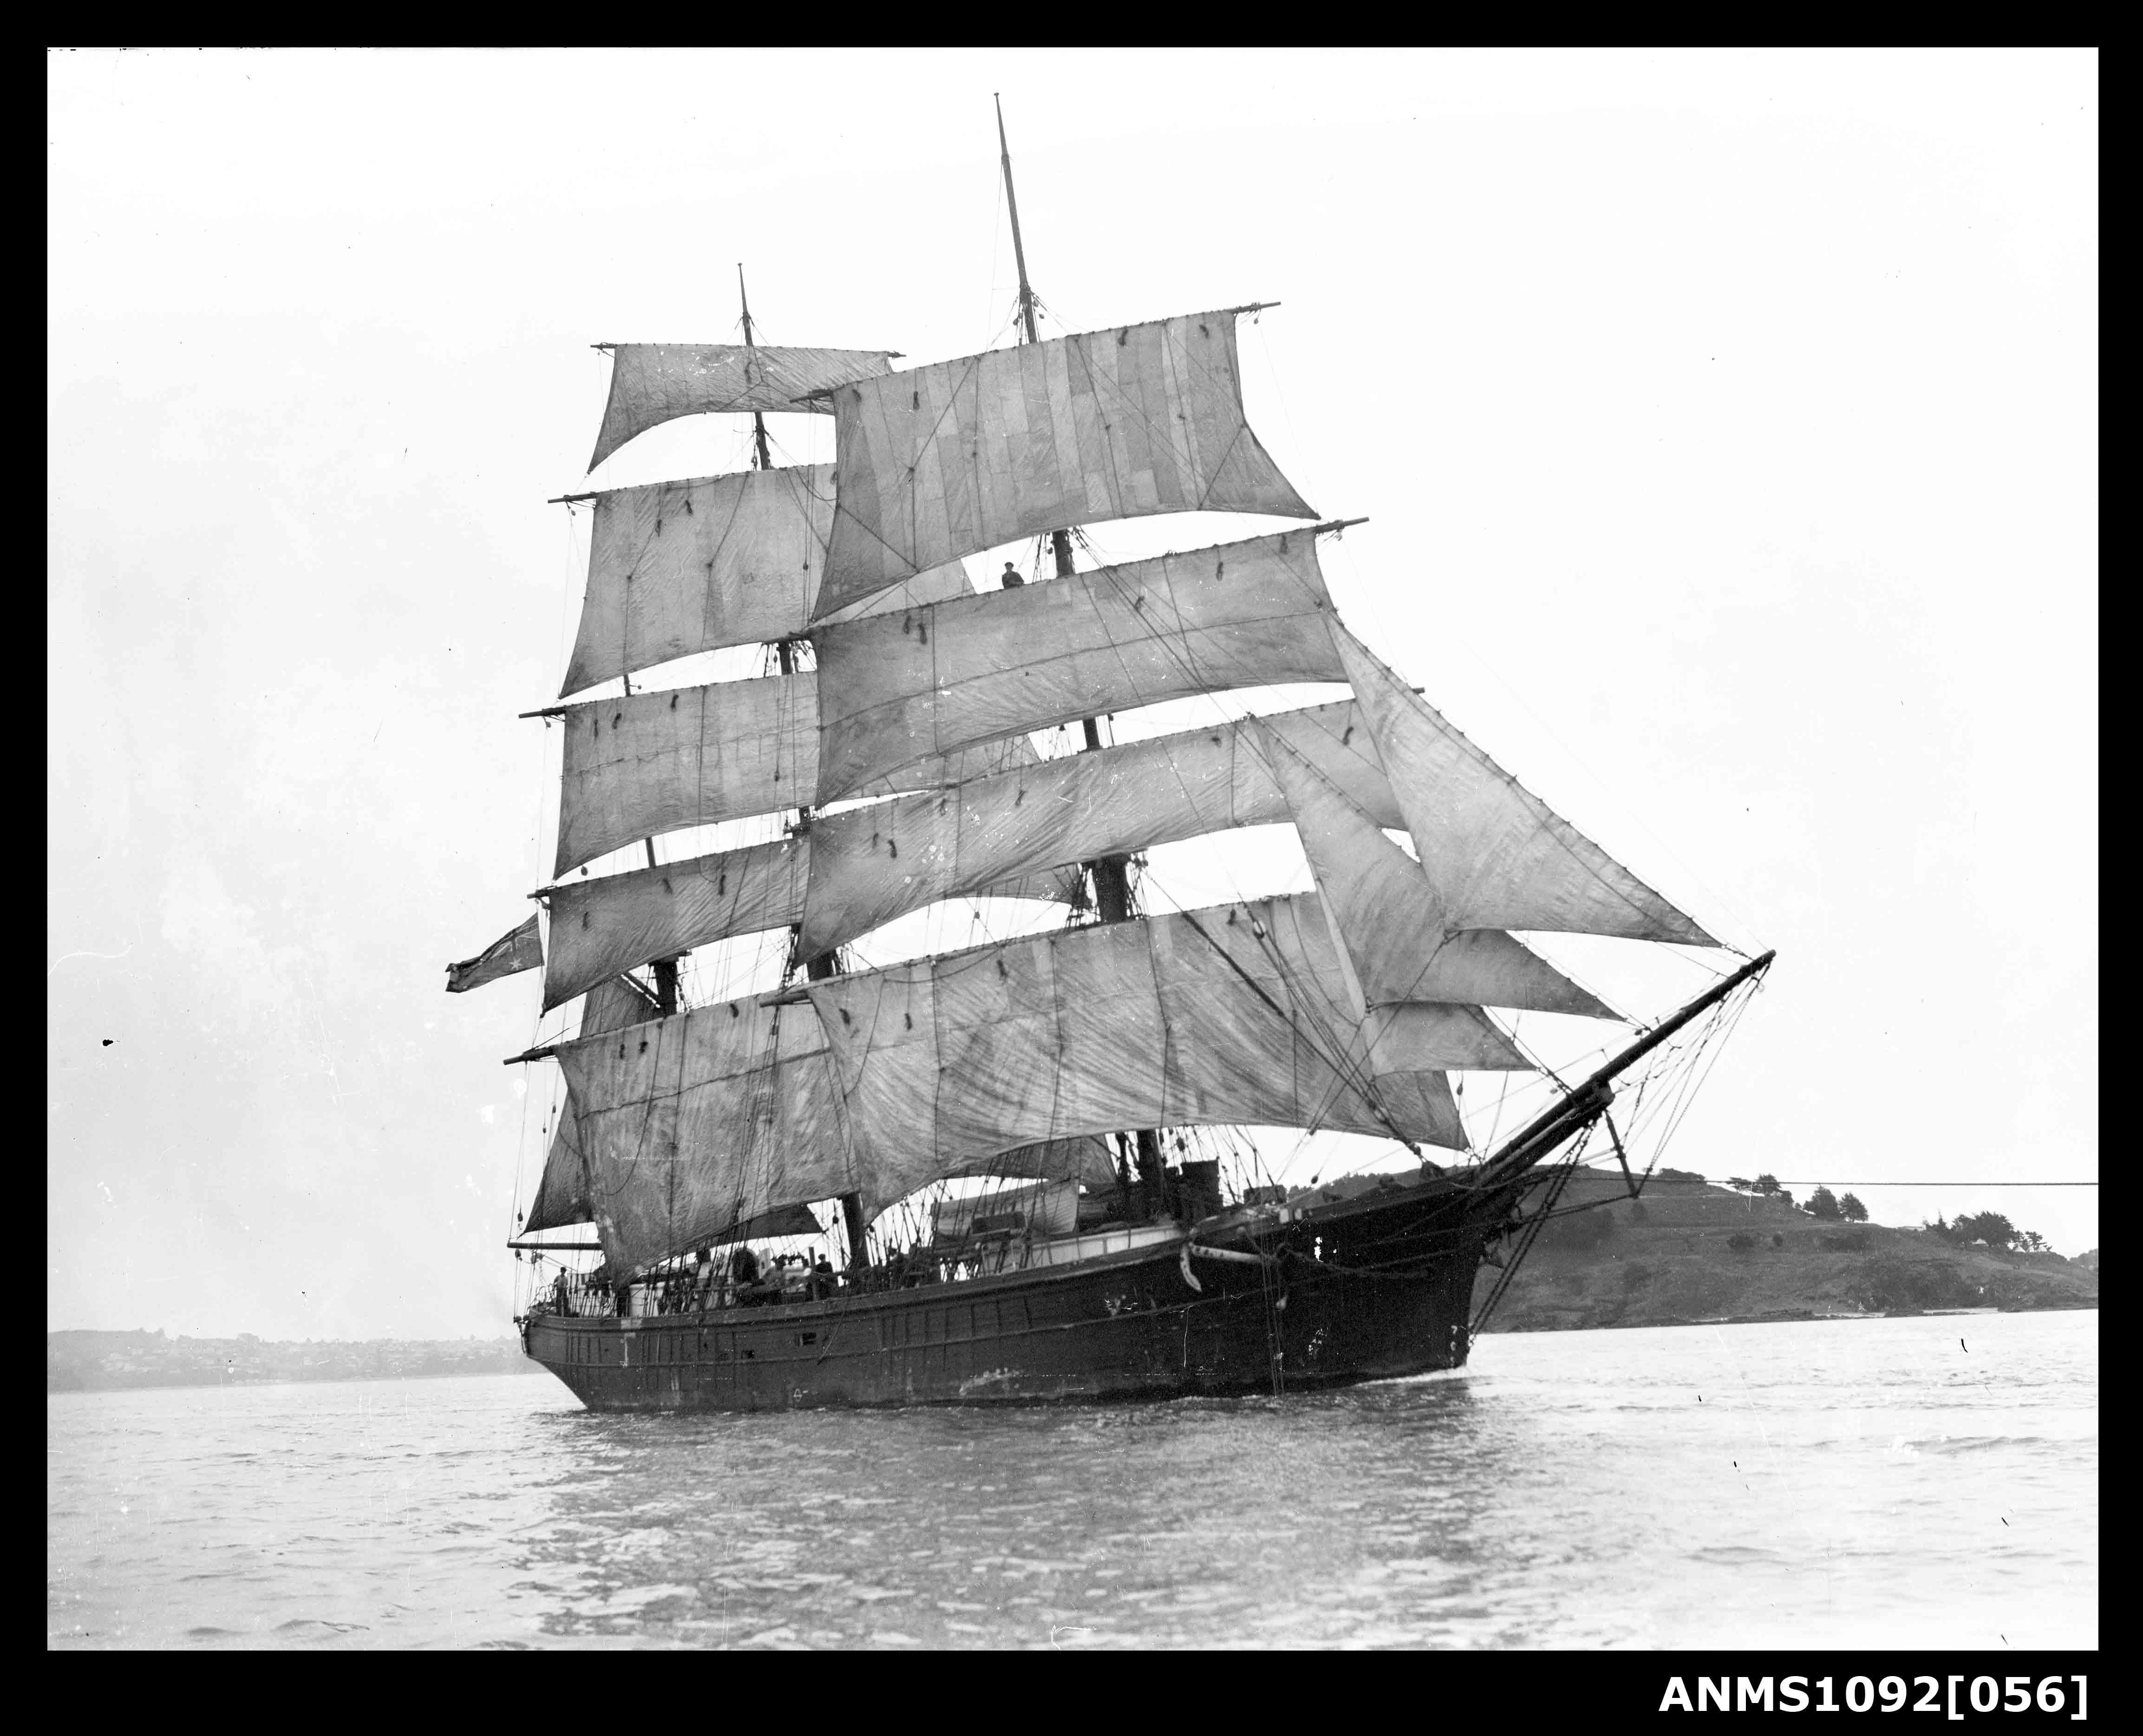 Barque underway with sails set